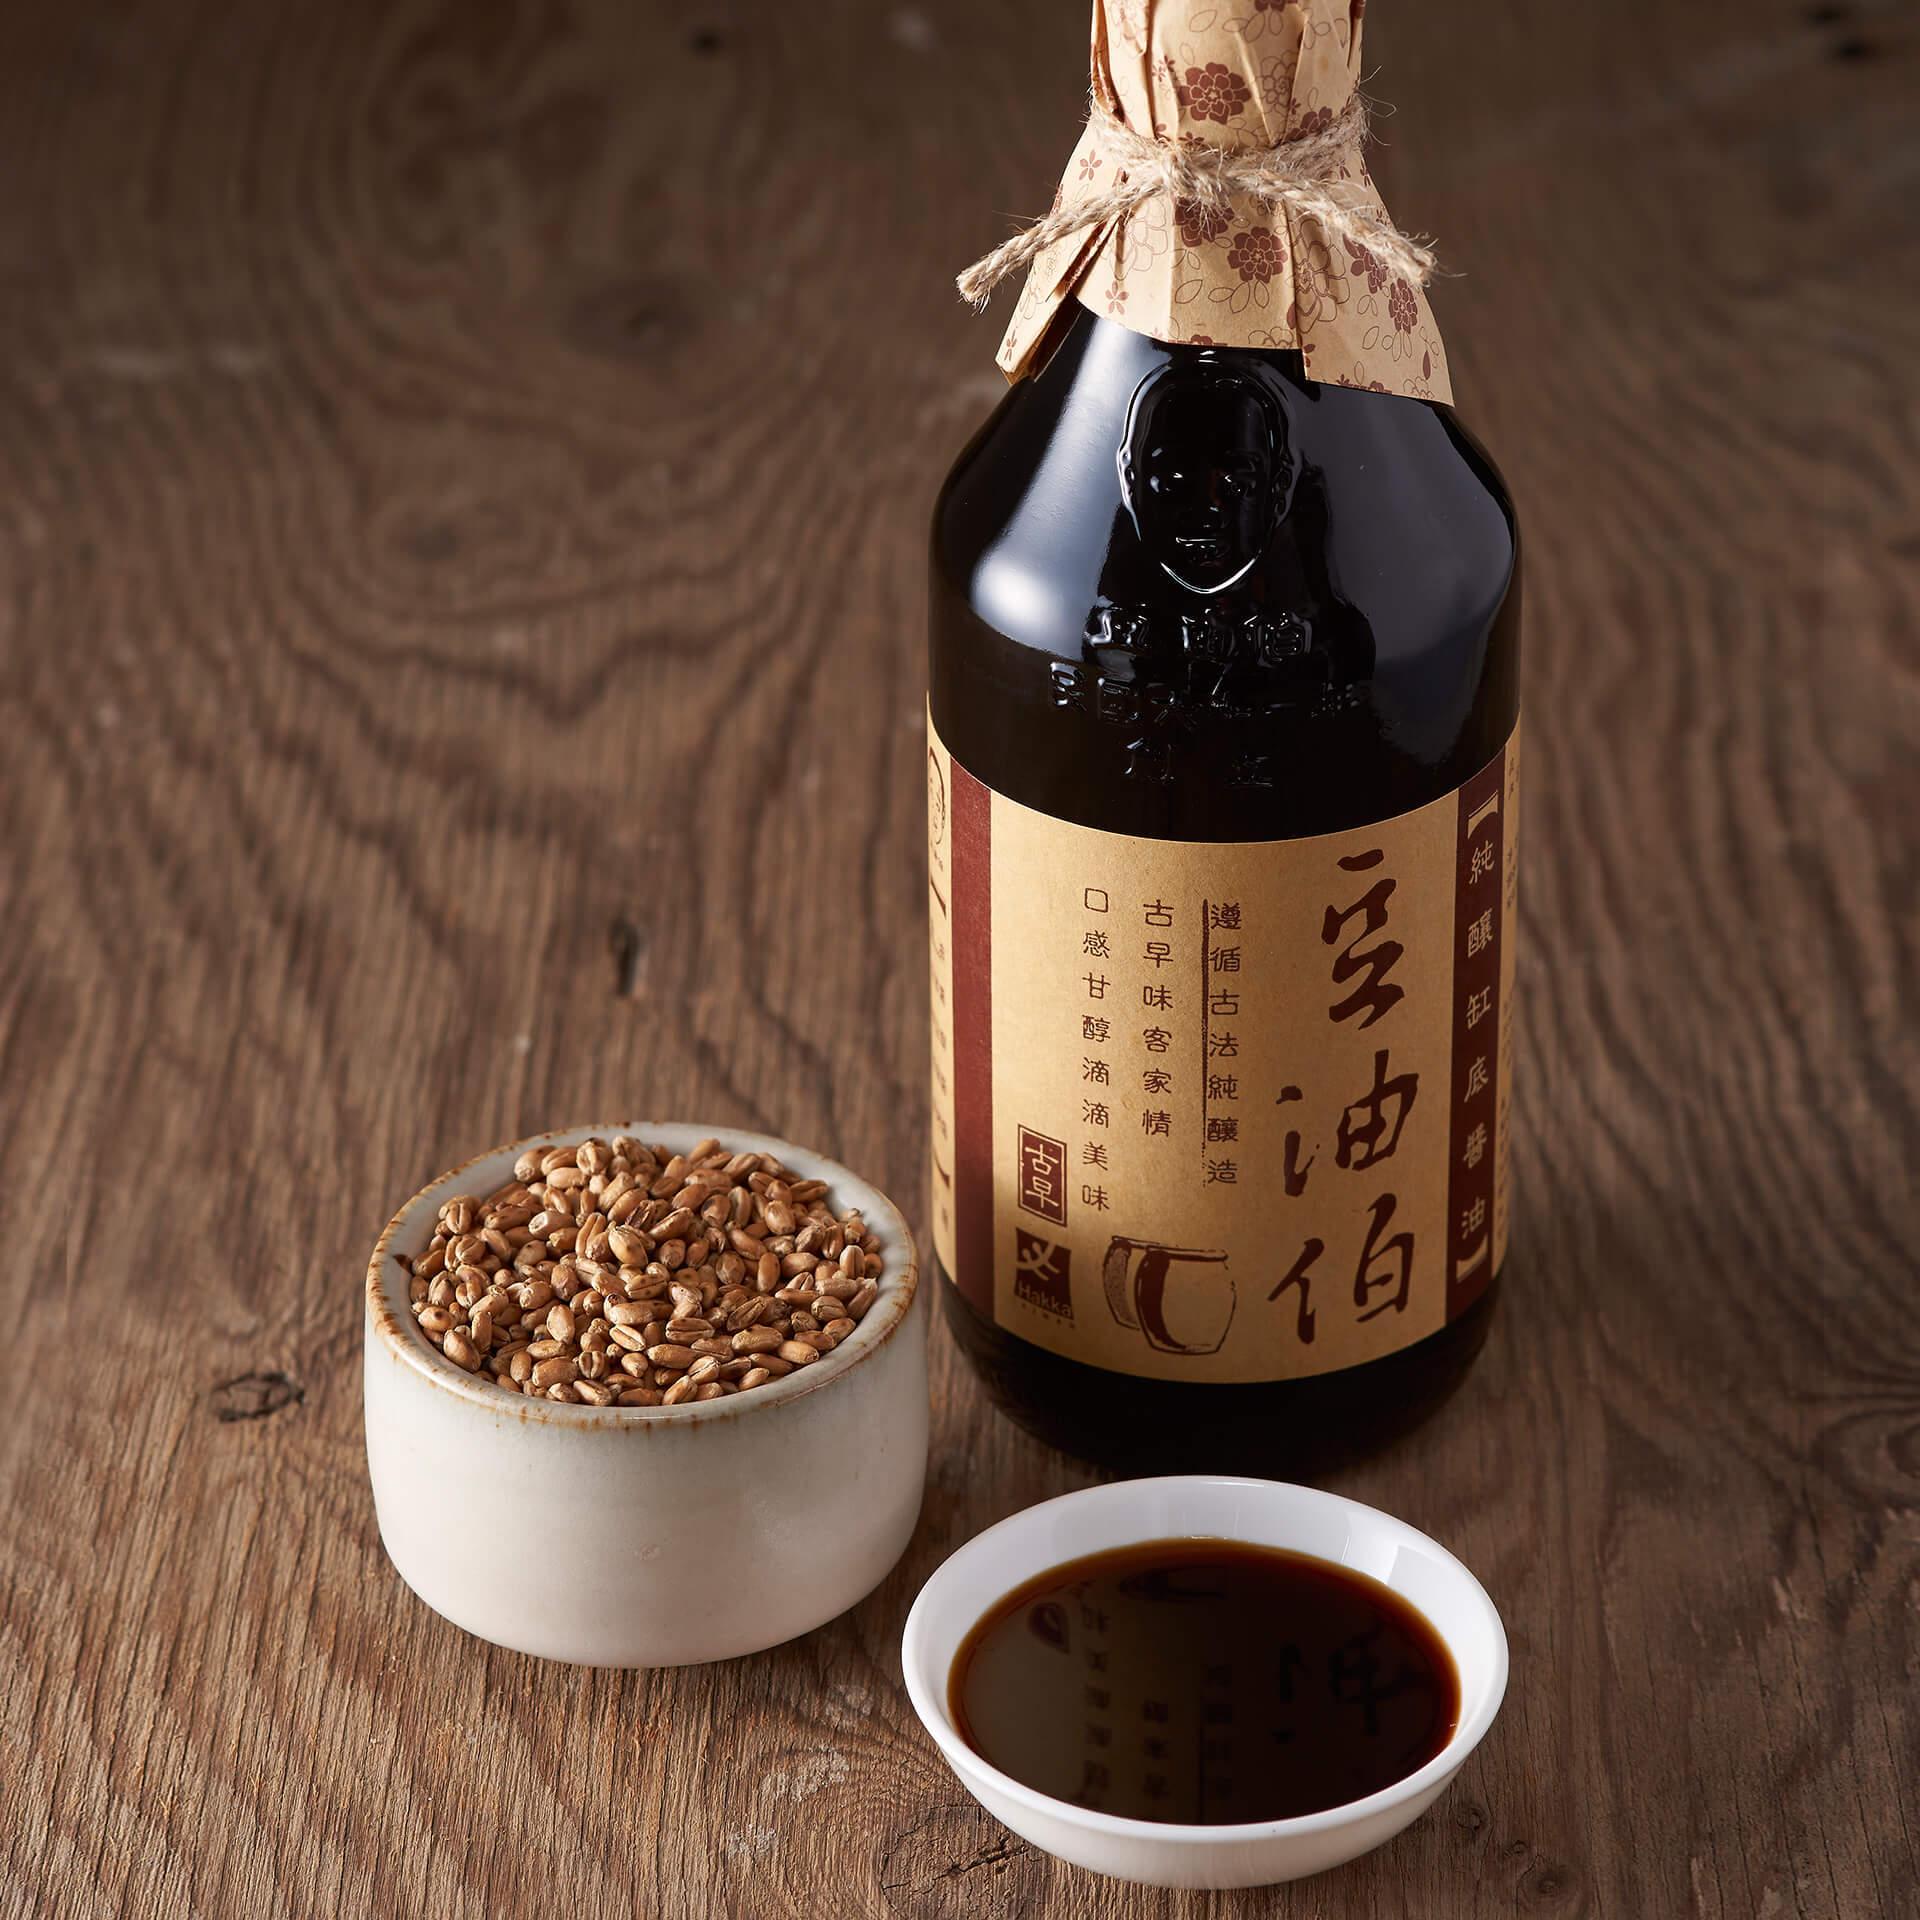 【中秋禮盒】缸底醬油2入窗花禮盒(共4組,8入)(不挑色)